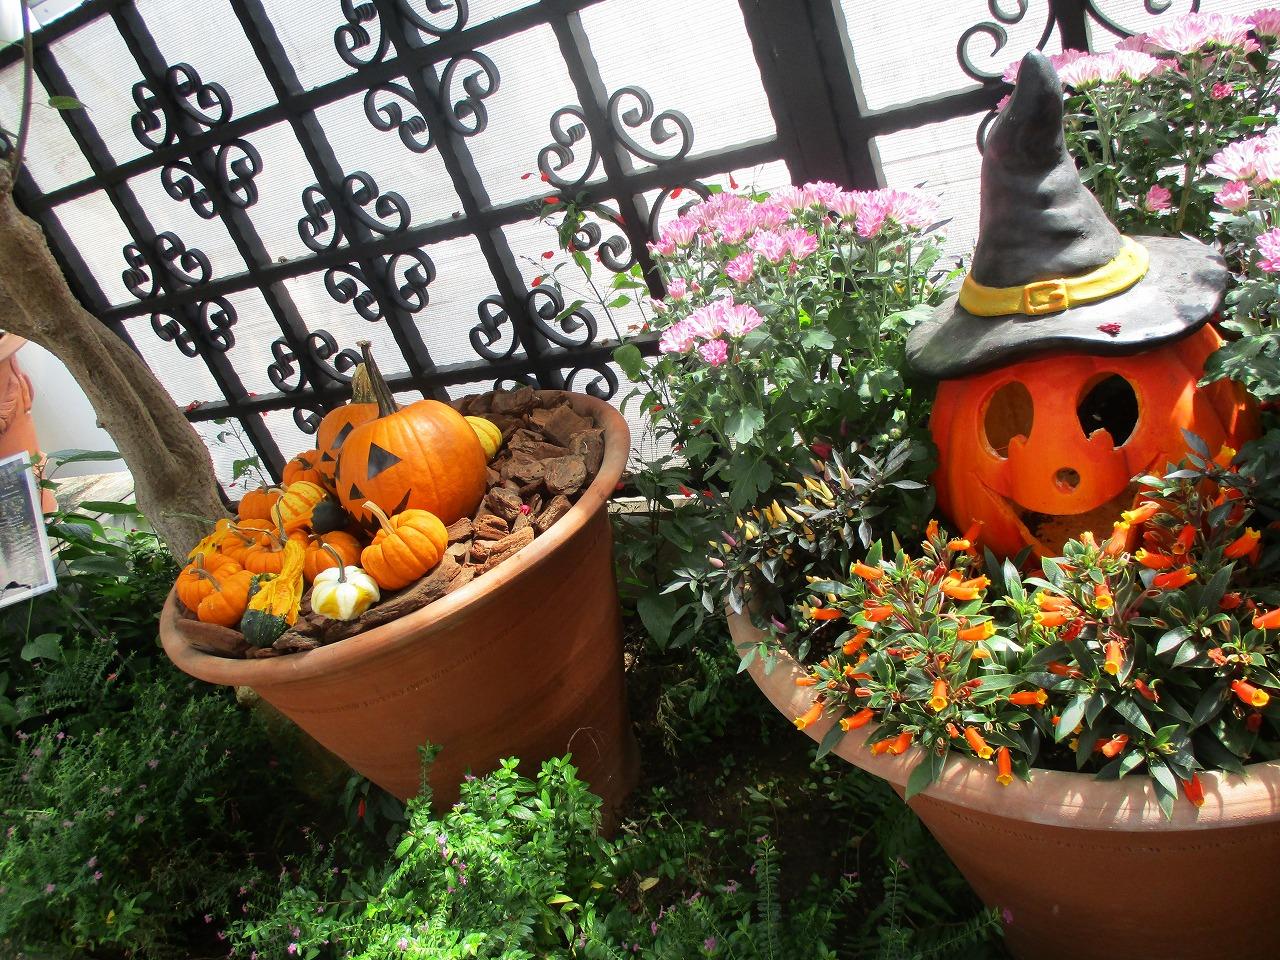 色々な場所にかぼちゃやハロウィンらしい飾りつけがしてありました!